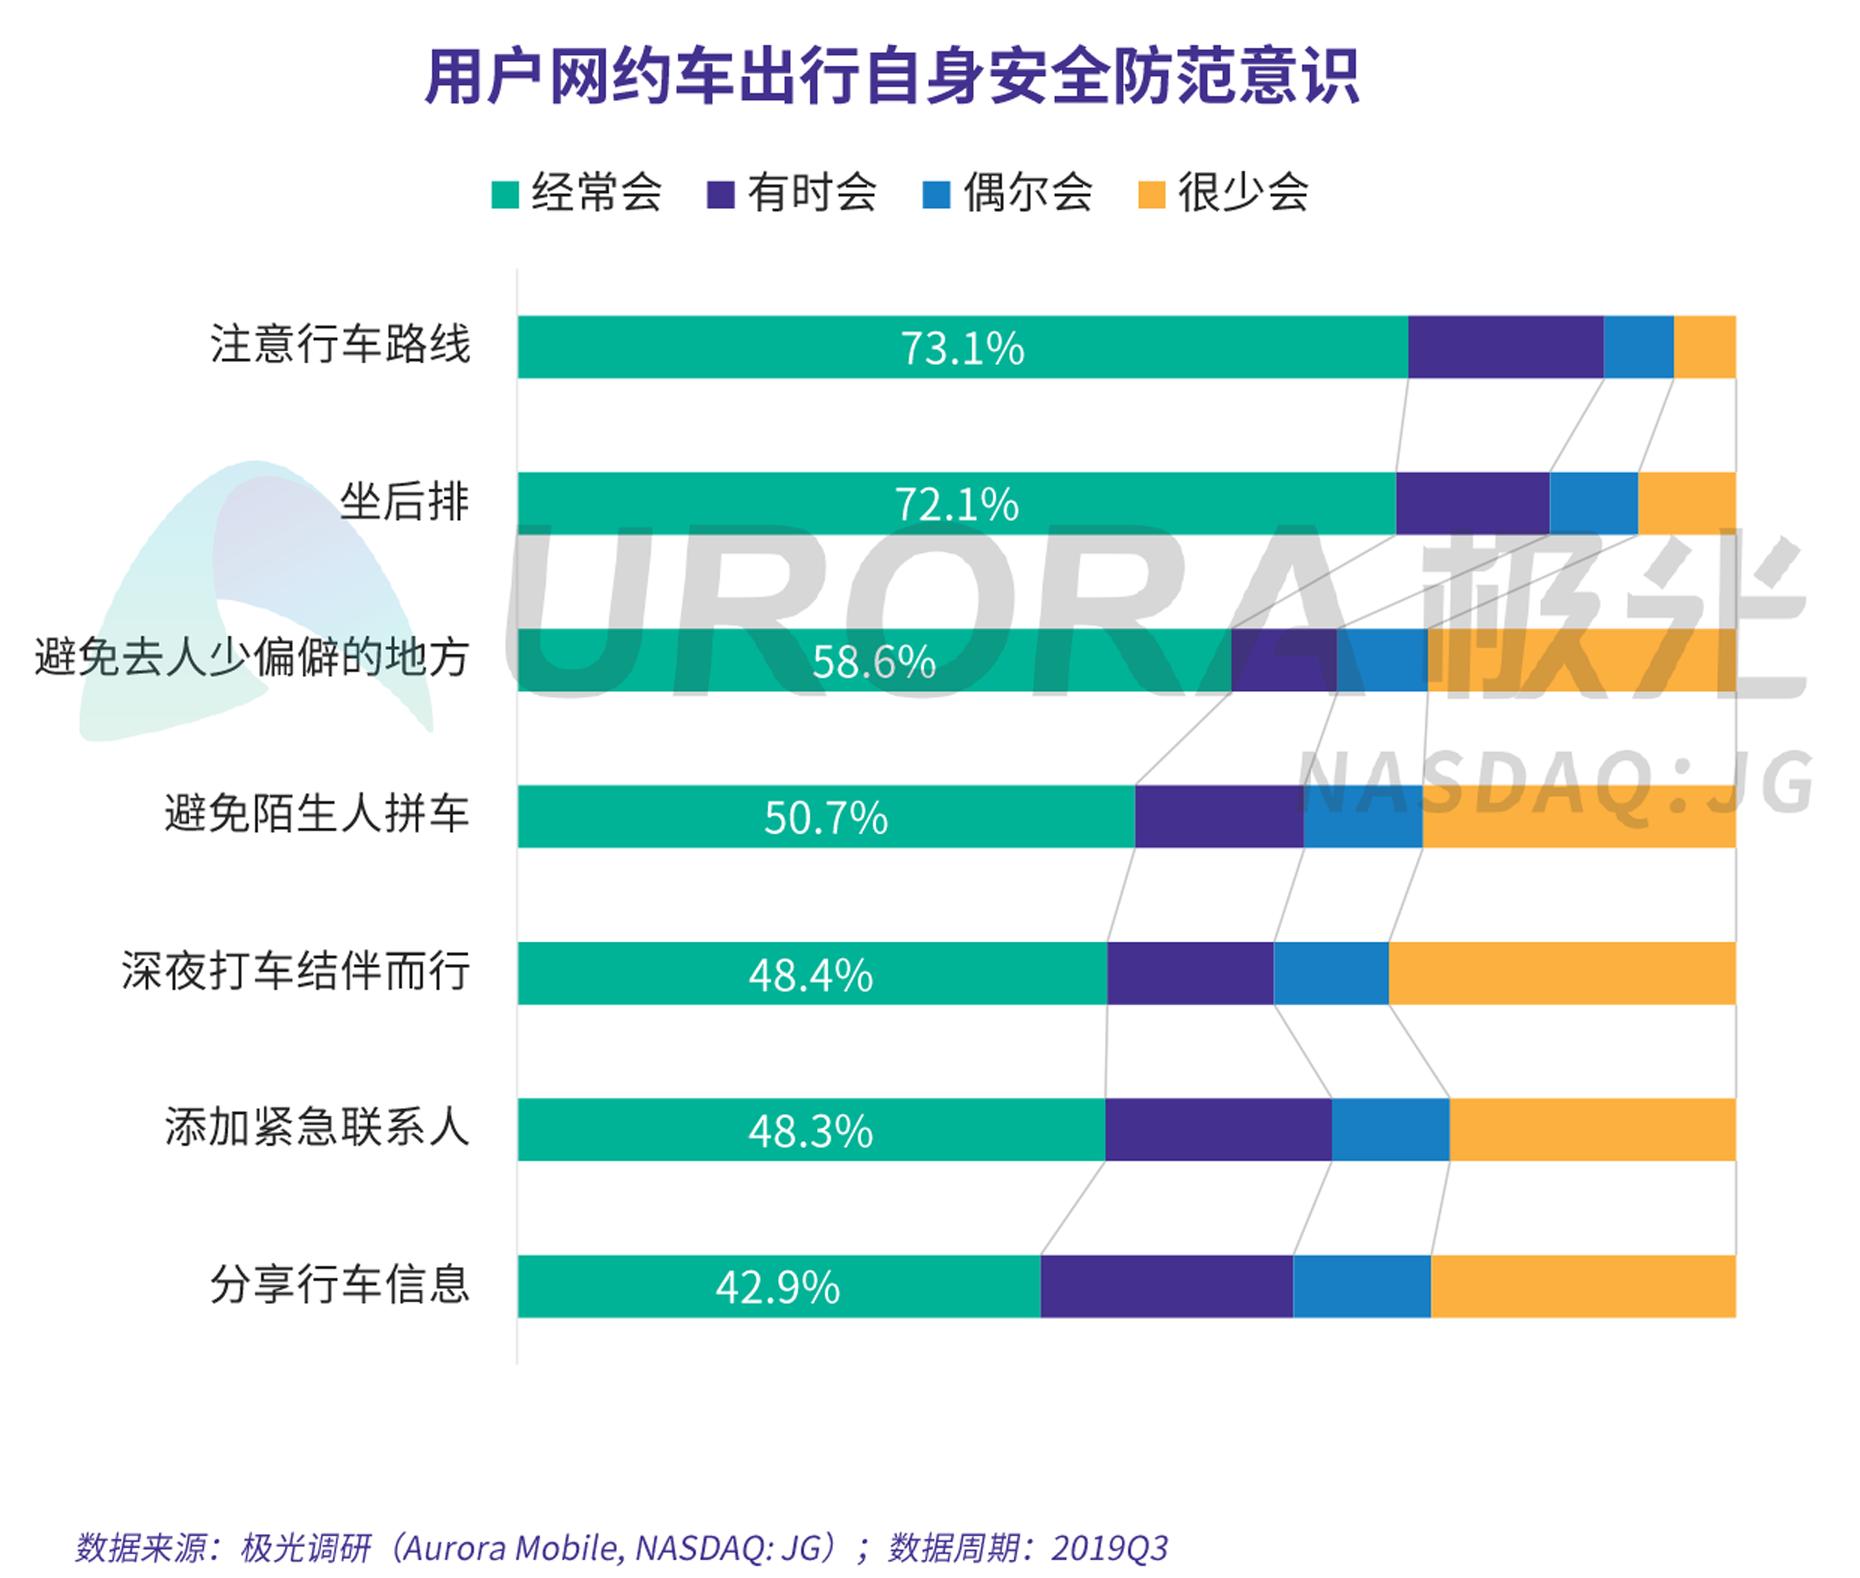 JIGUANG-网约车出行安全用户信心研究-新版-V4-18.png